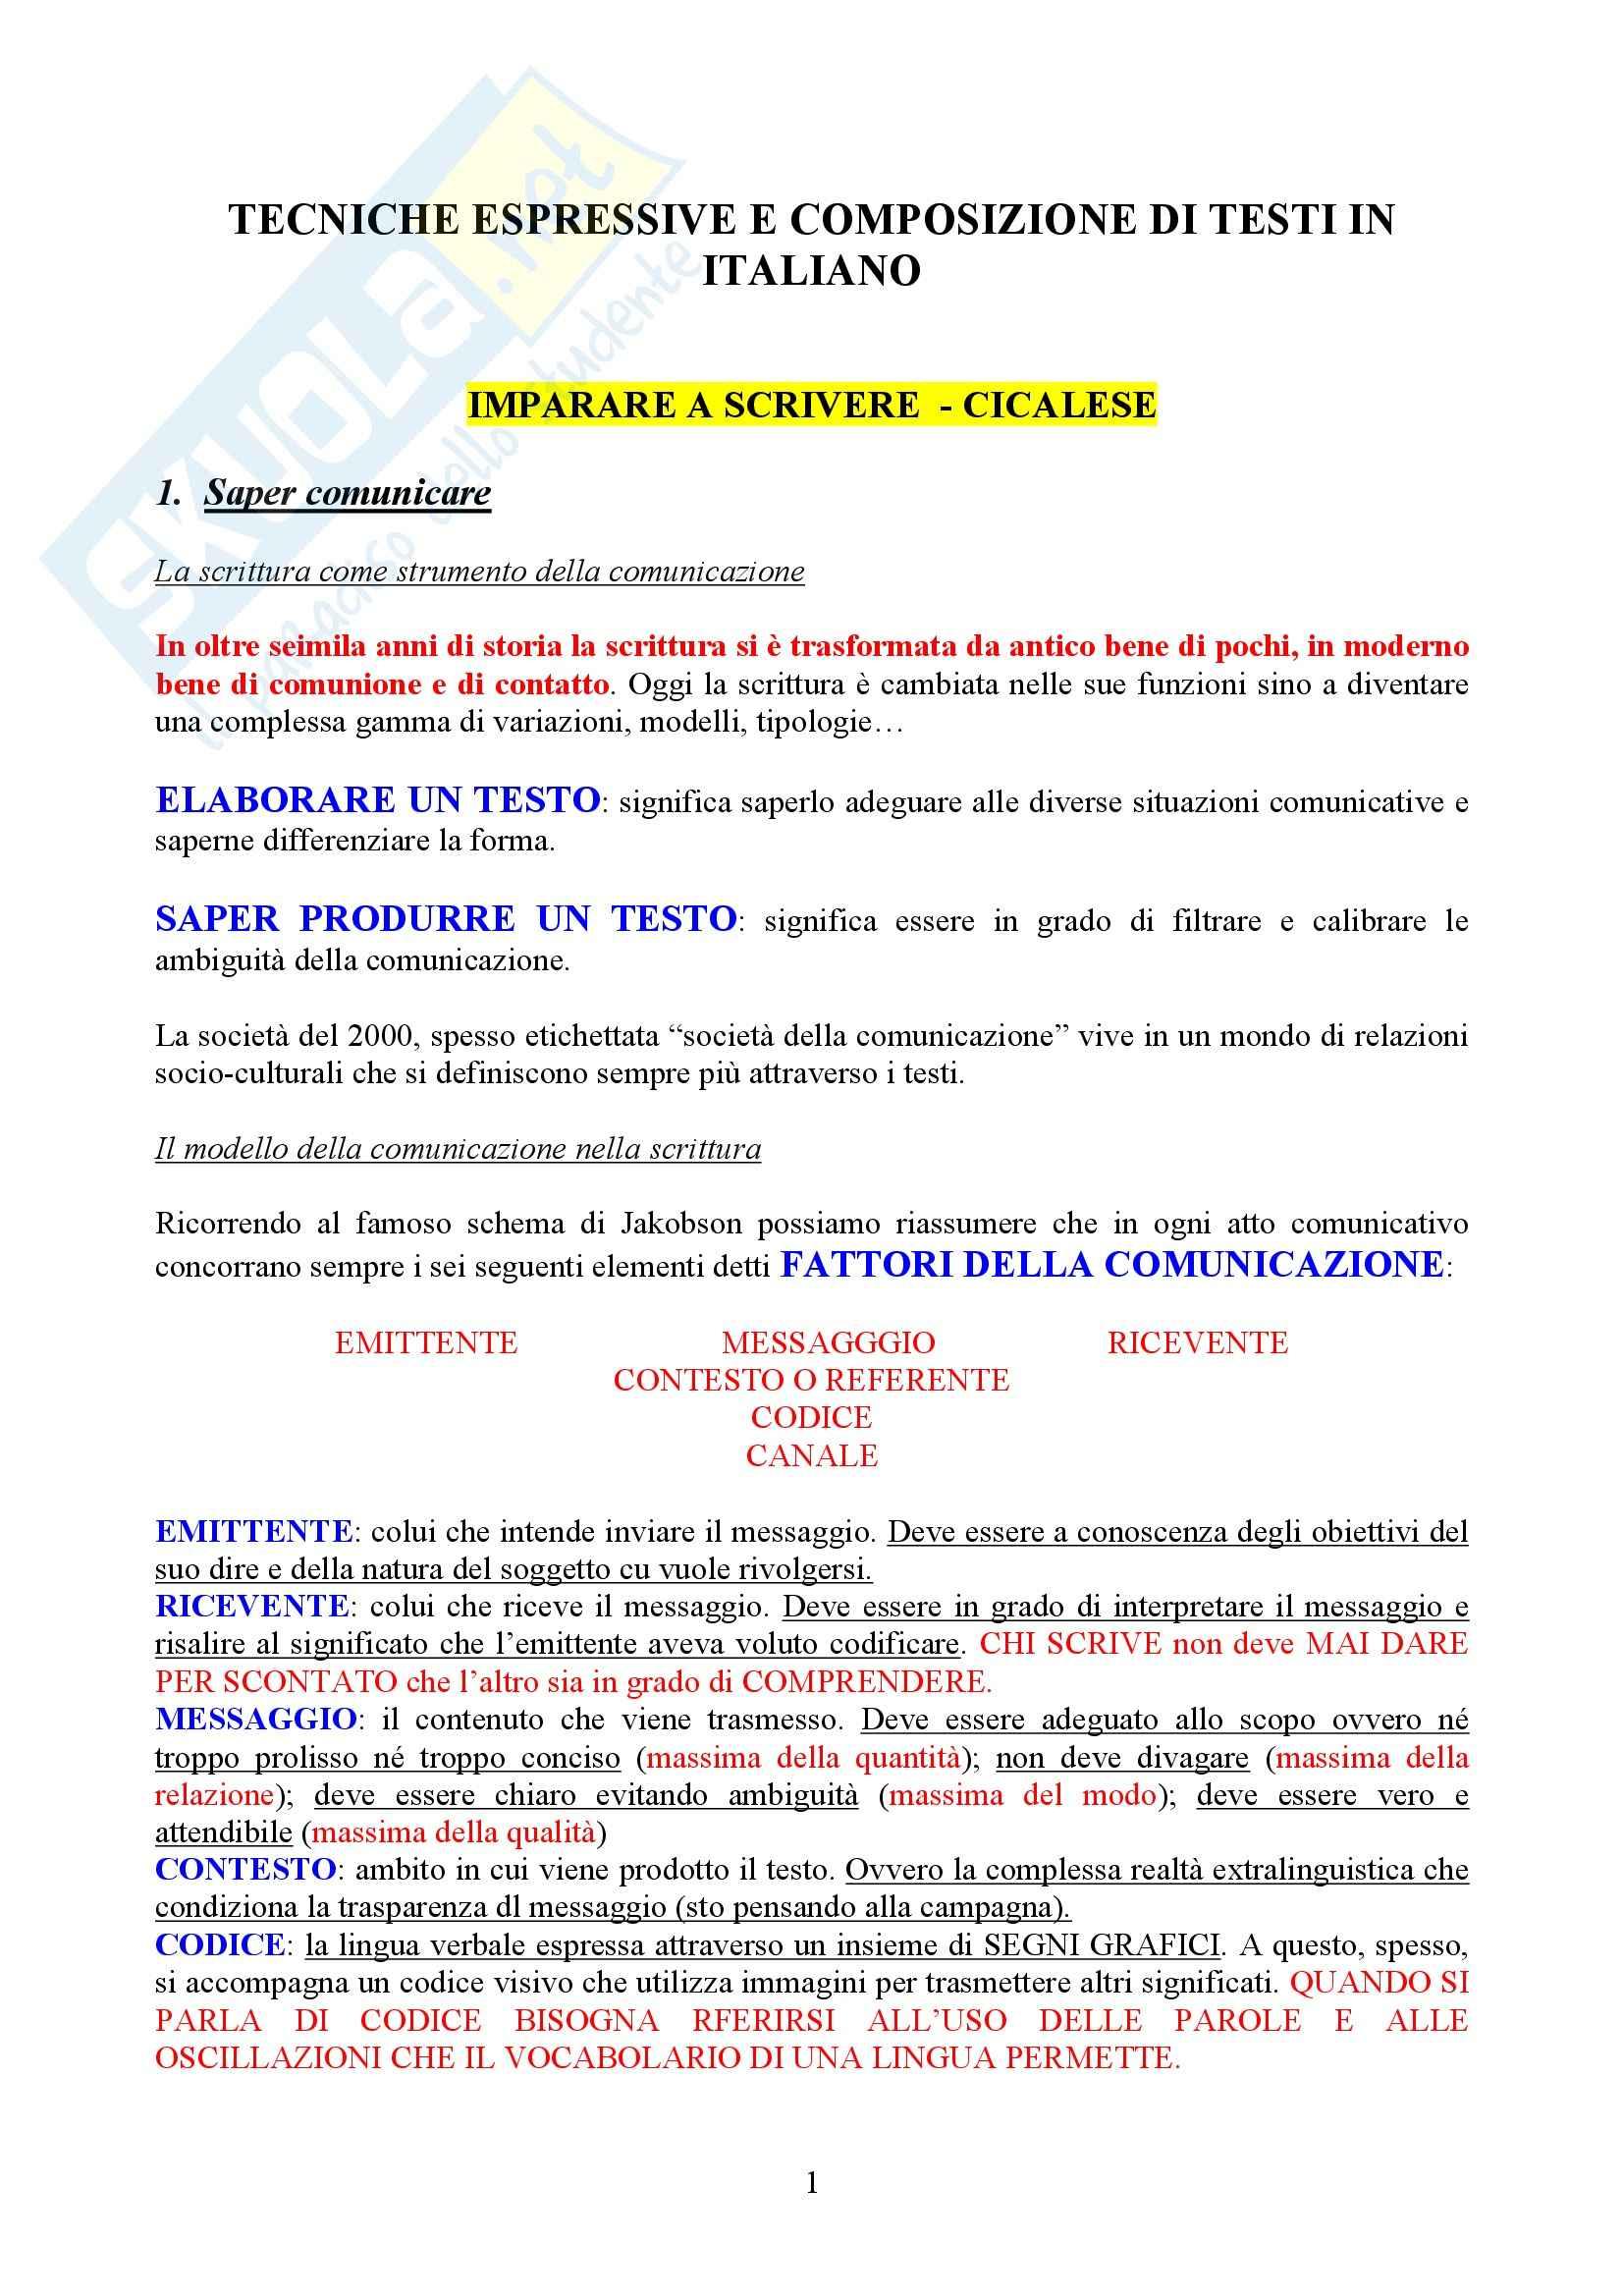 Tecniche espressive e composizione testi in italiano - imparare a scrivere - Cicalese